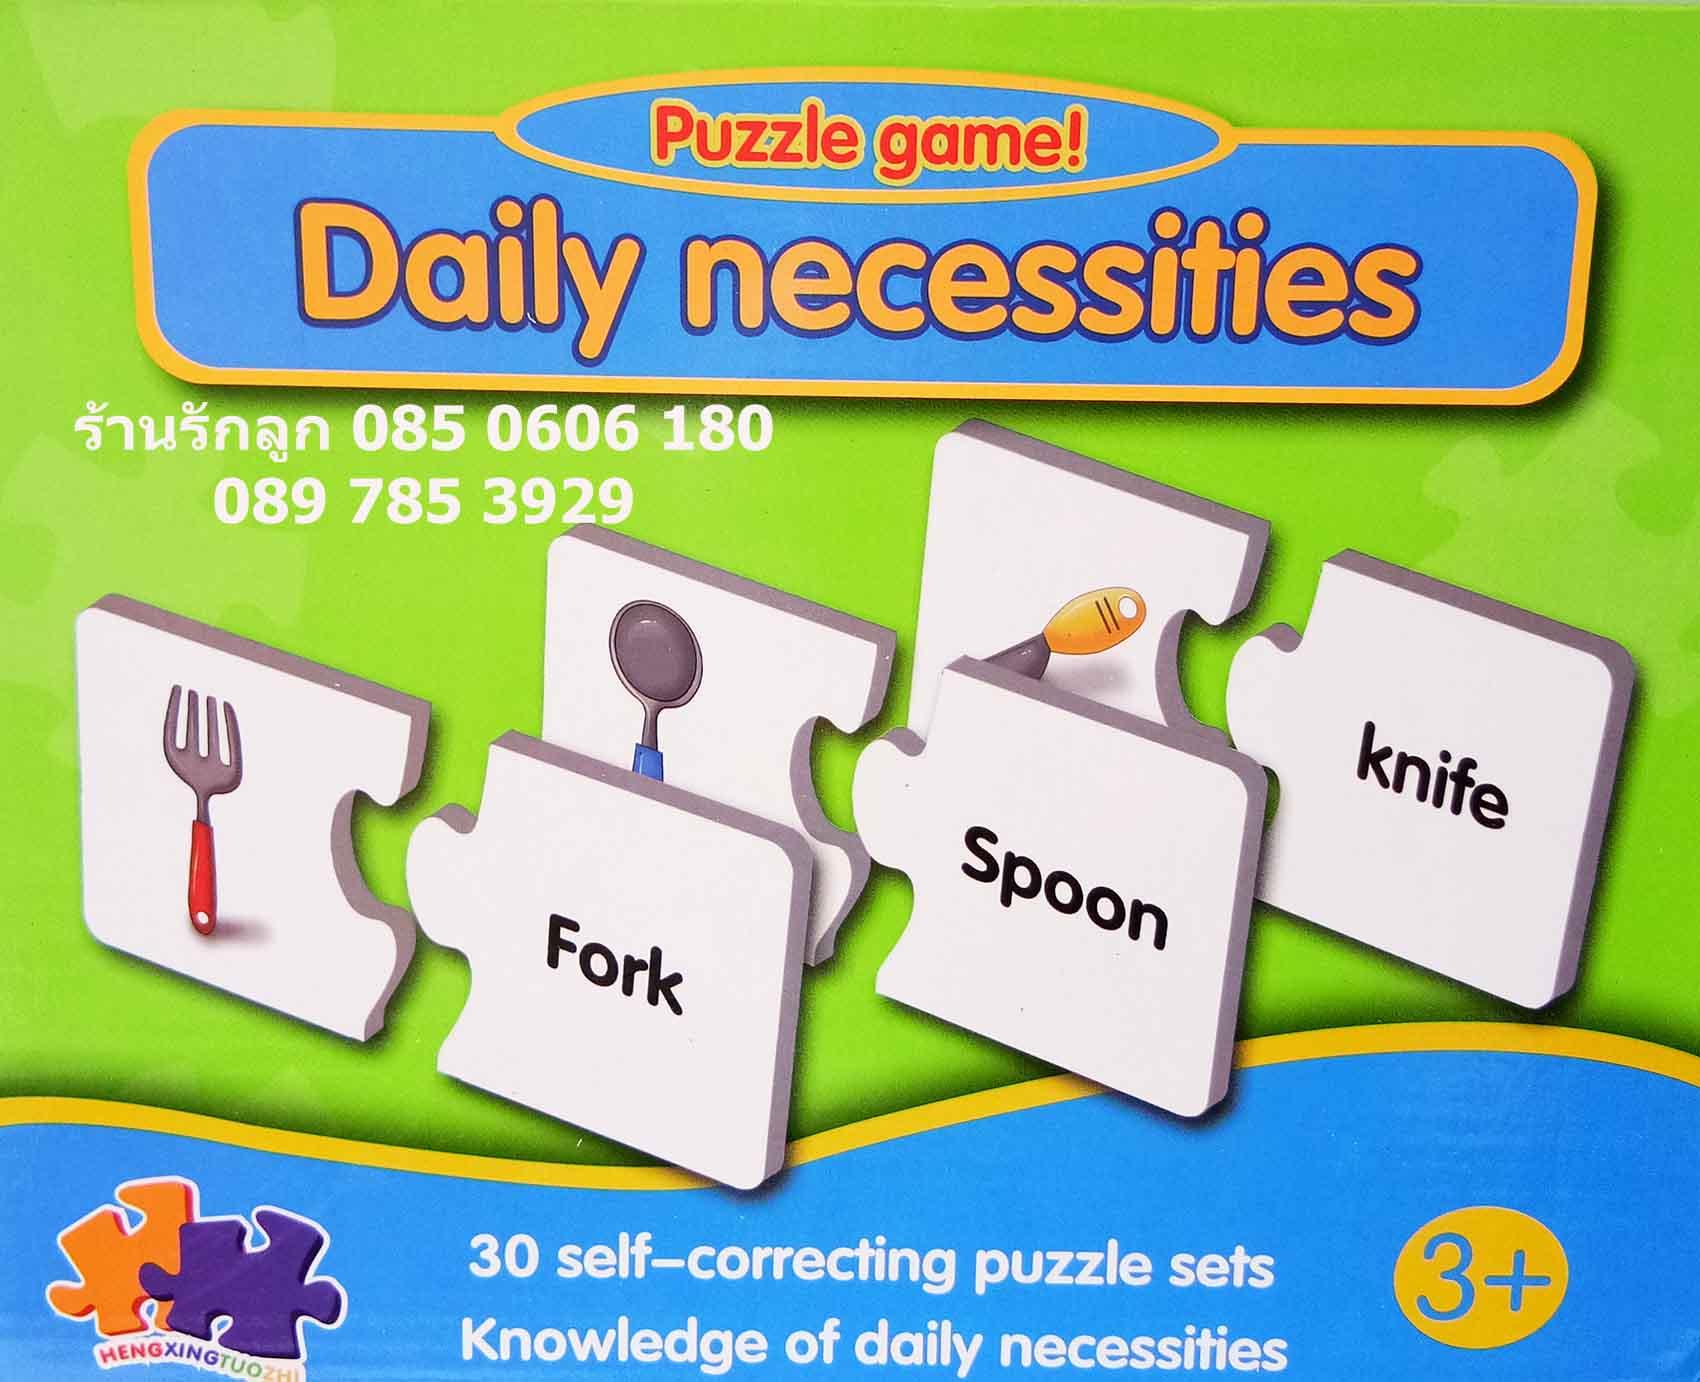 จิ๊กซอจับคู่ภาพคำศัพท์ Daily necessities